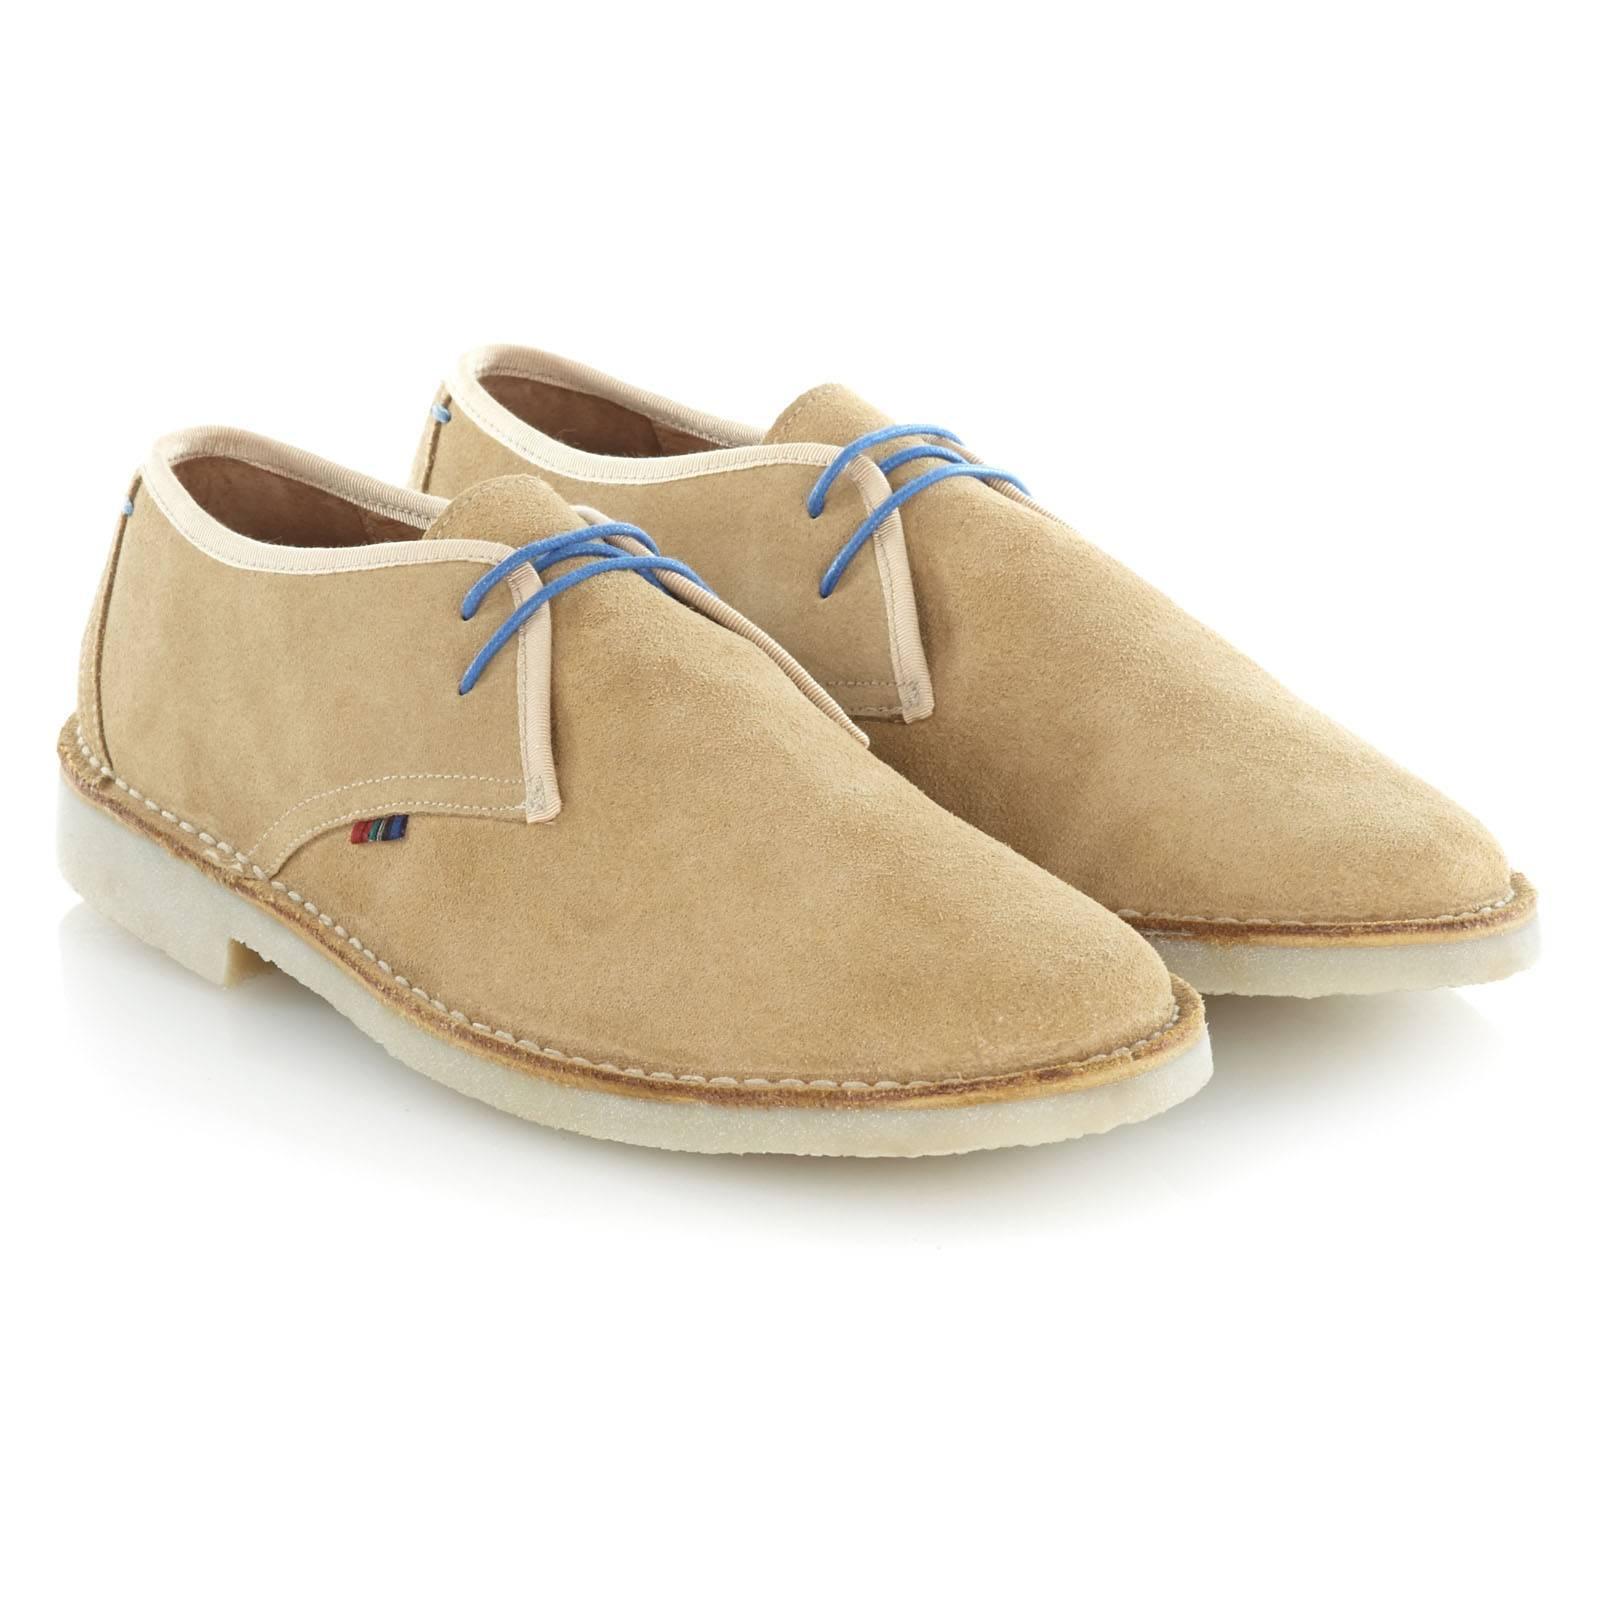 Ботинки TooleyОбувь под заказ<br><br><br>Артикул: 913212<br>Материал: 100% кожа (замша)<br>Цвет: песочный<br>Пол: Мужской